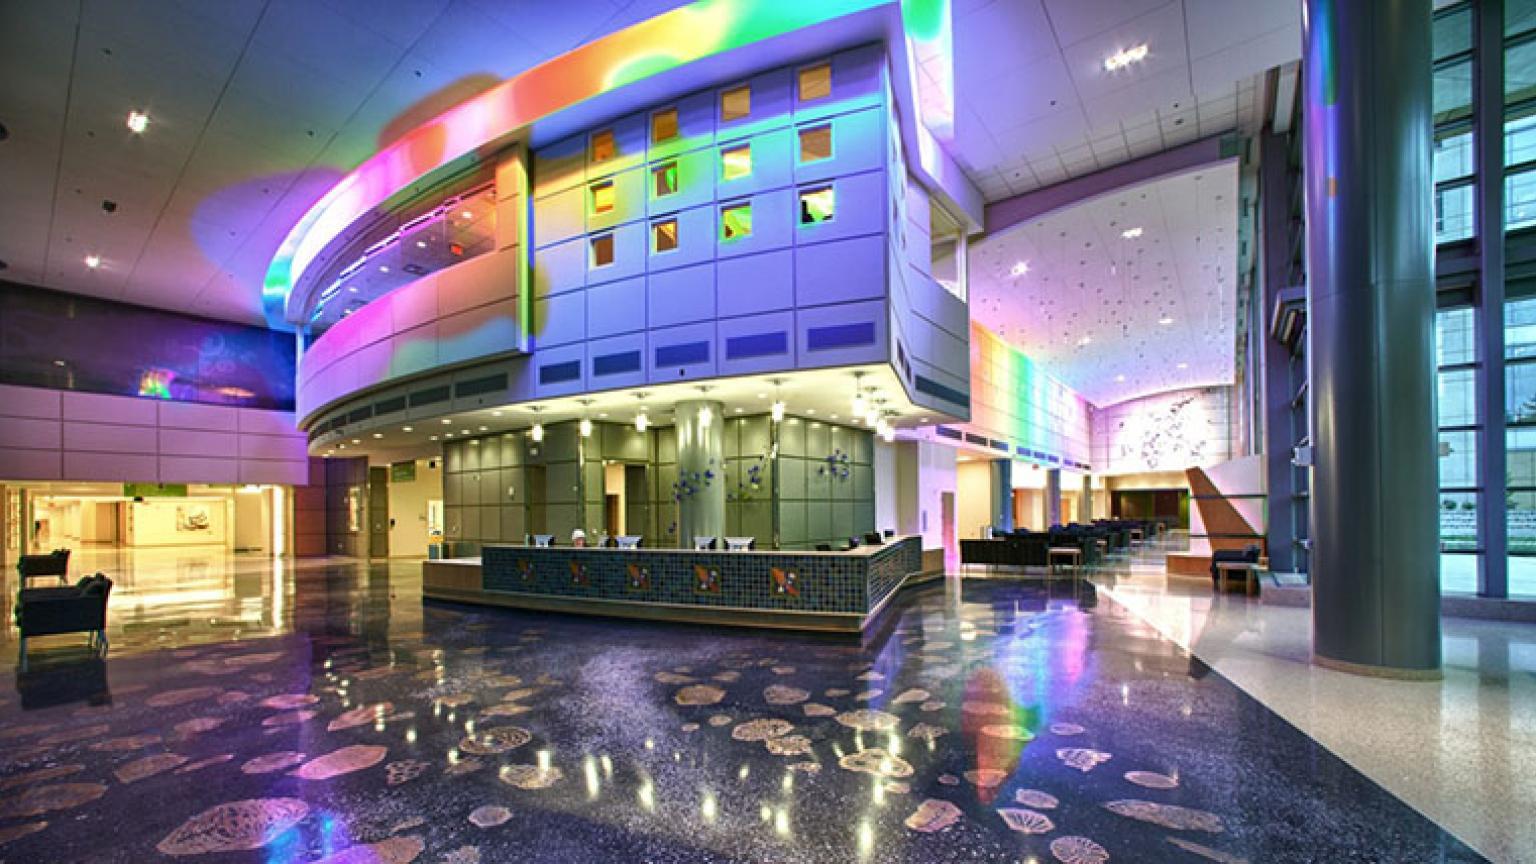 C.S. Mott Children's Hospital lobby entrance